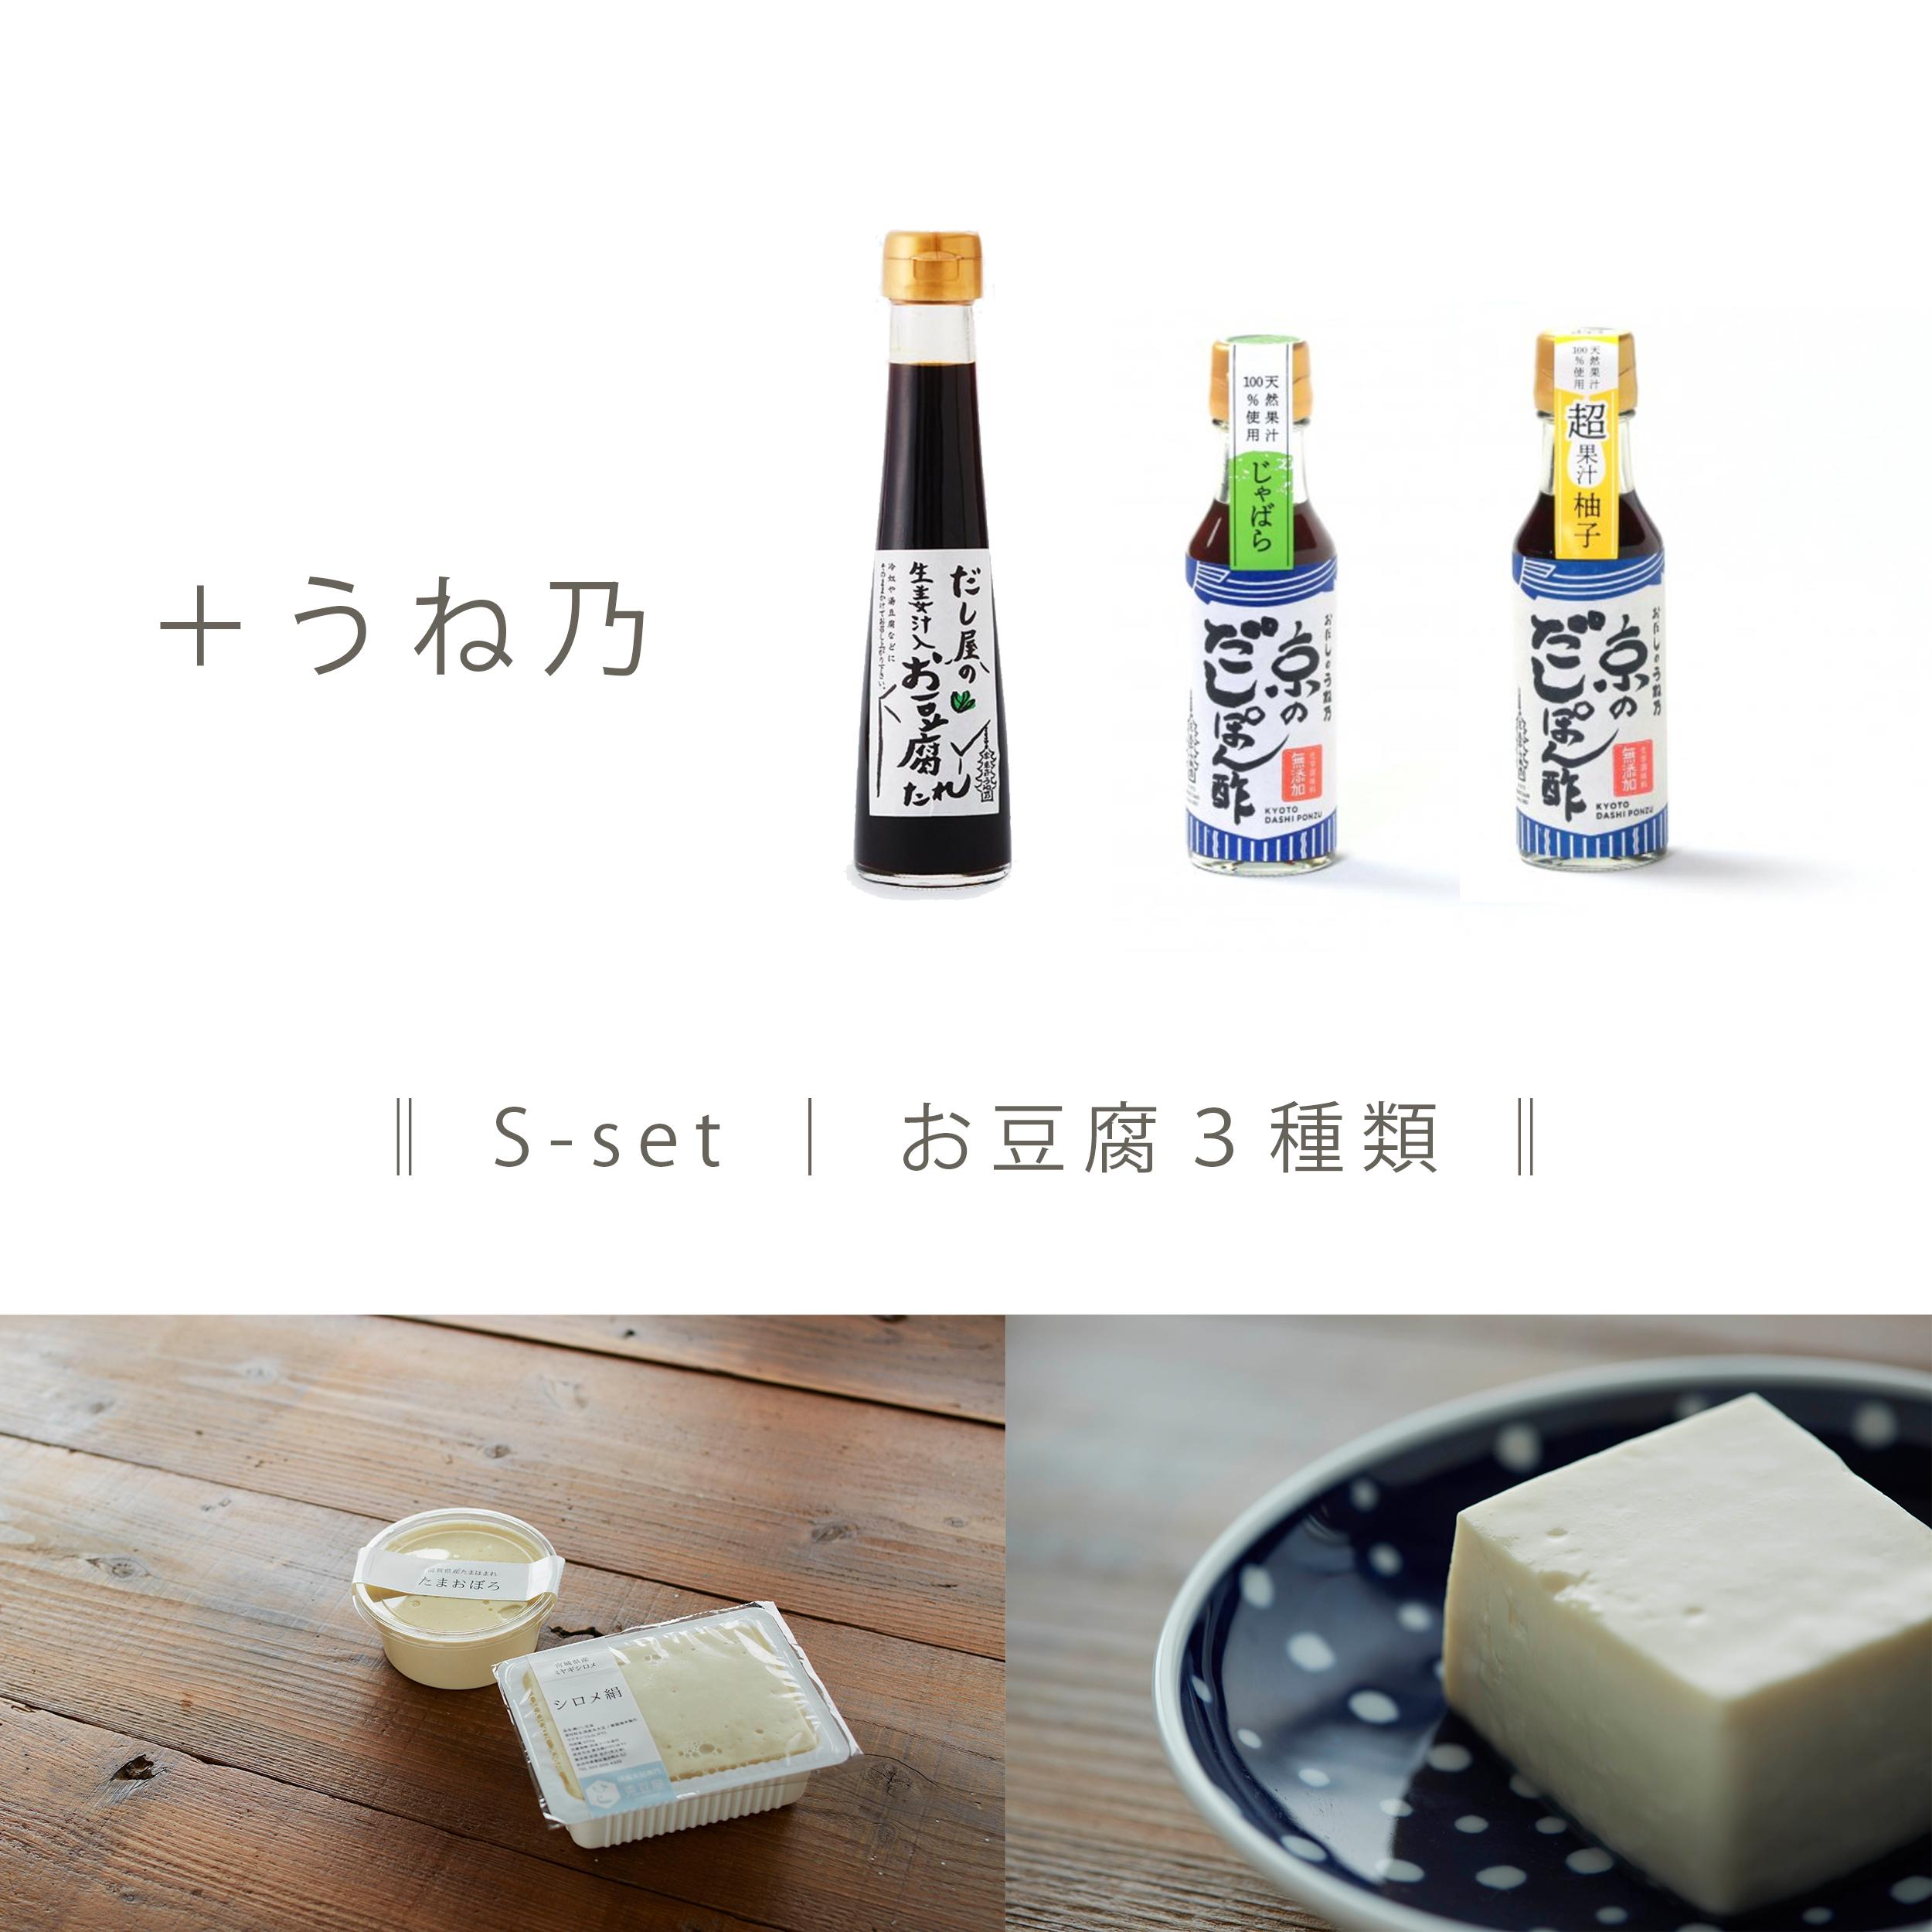 お豆腐+うね乃さん S-set 【国産大豆】